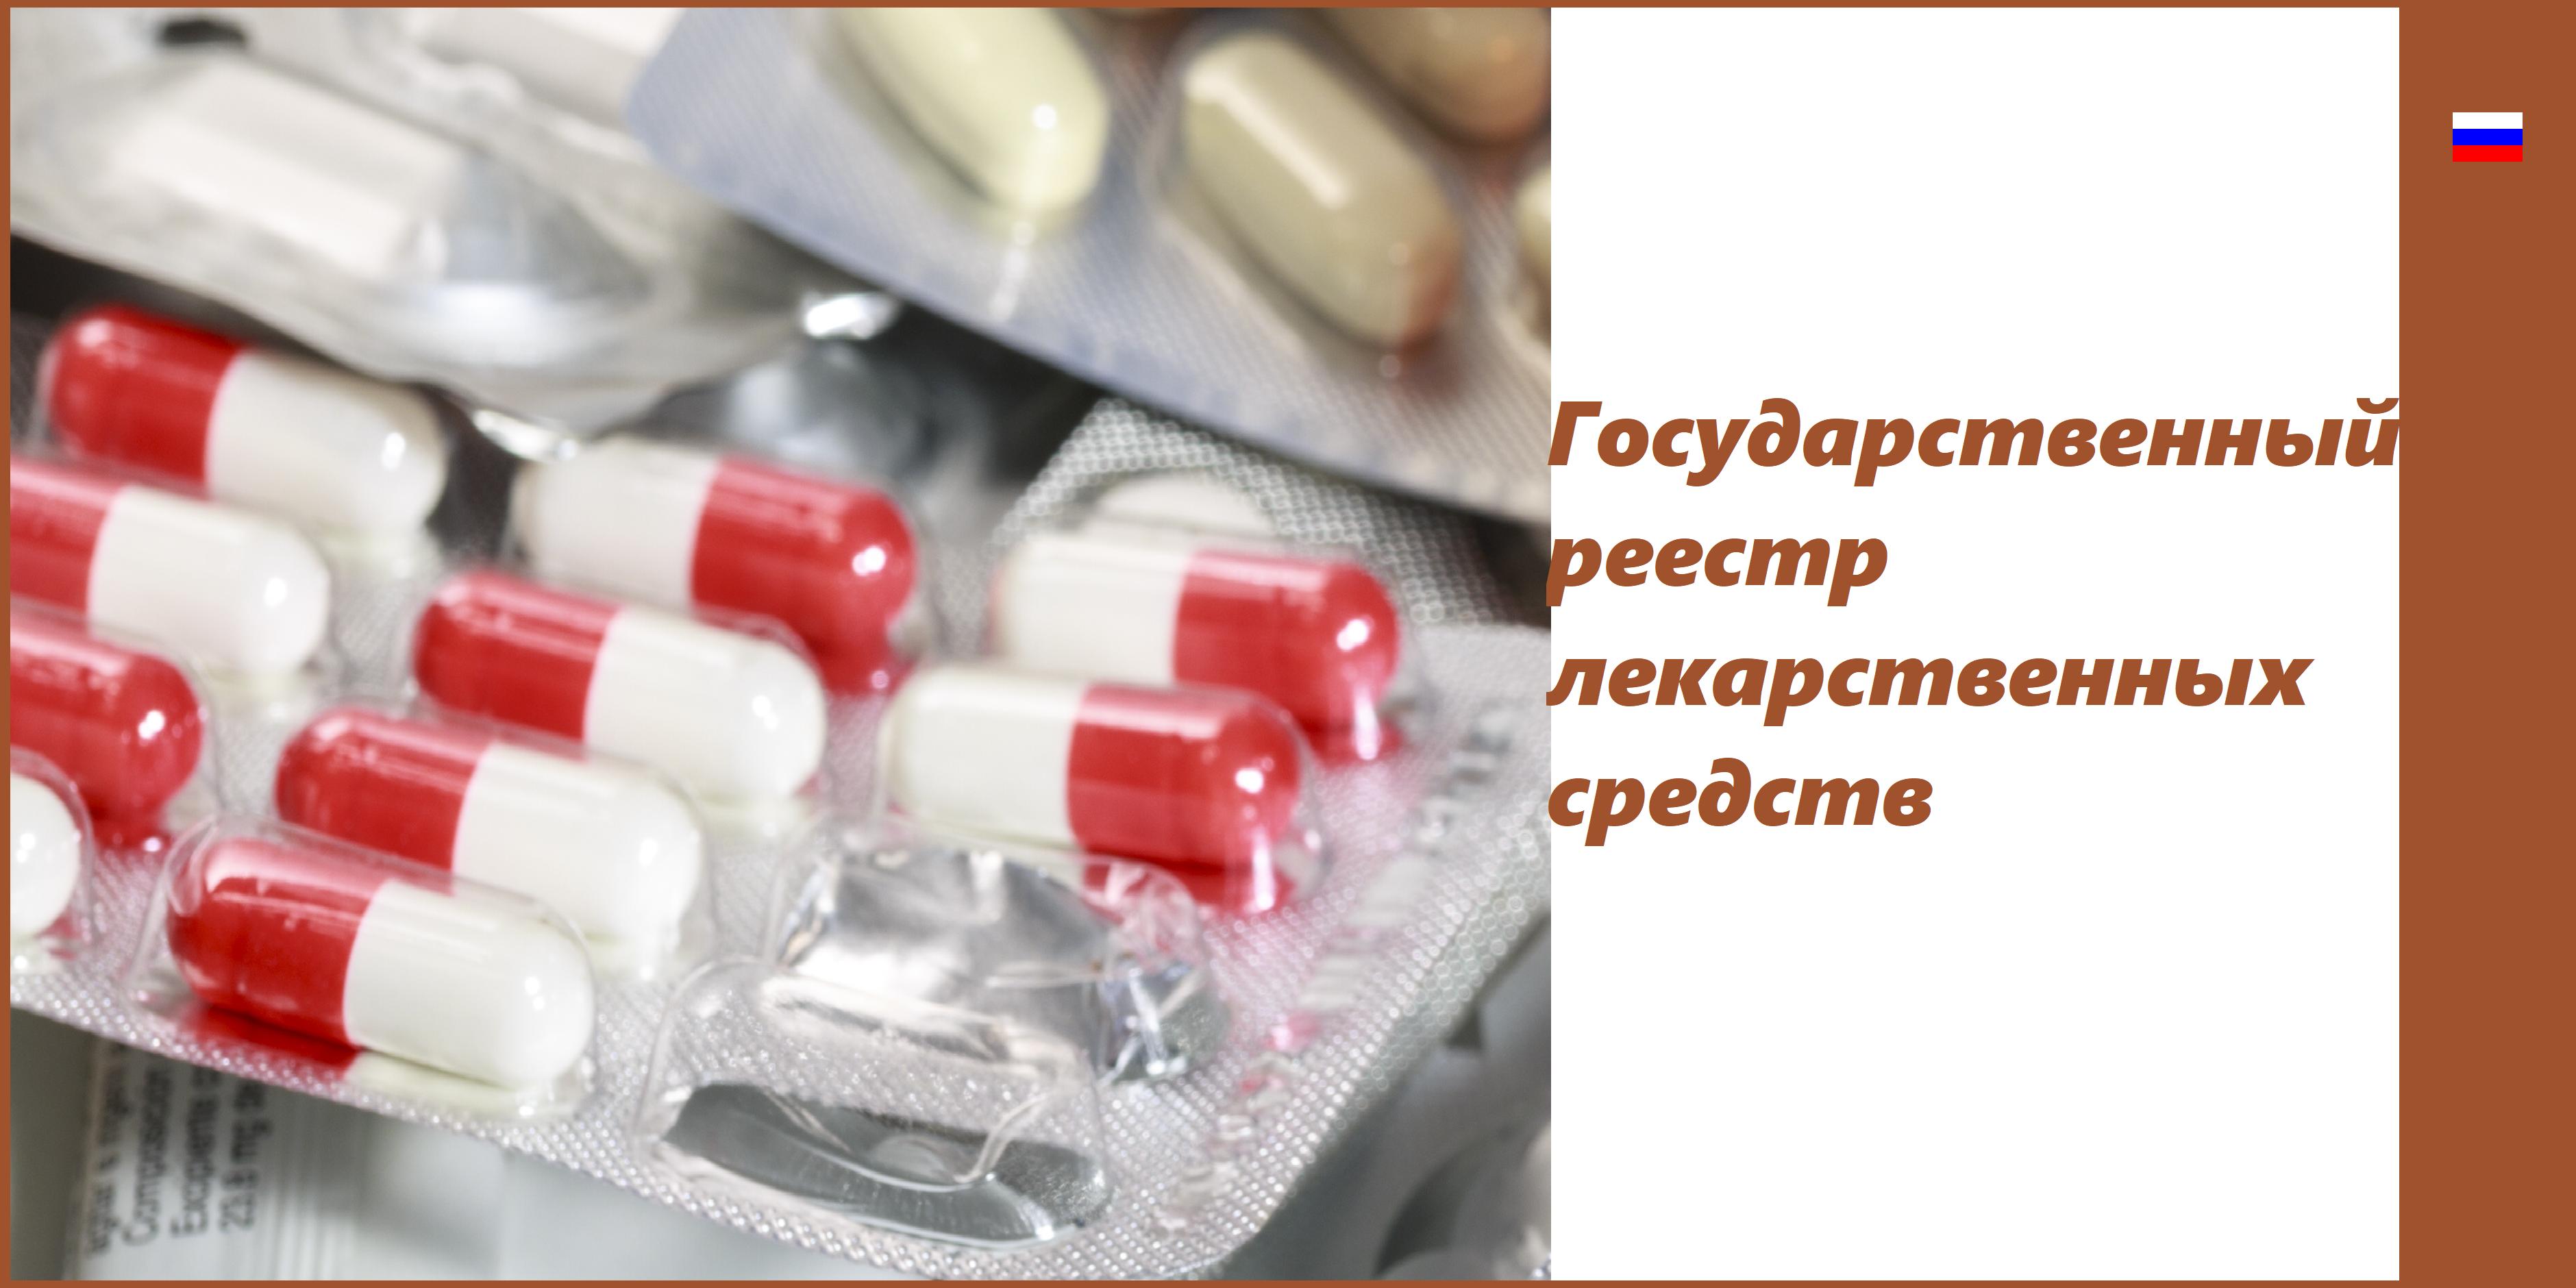 Rejestr produktów leczniczych Russia